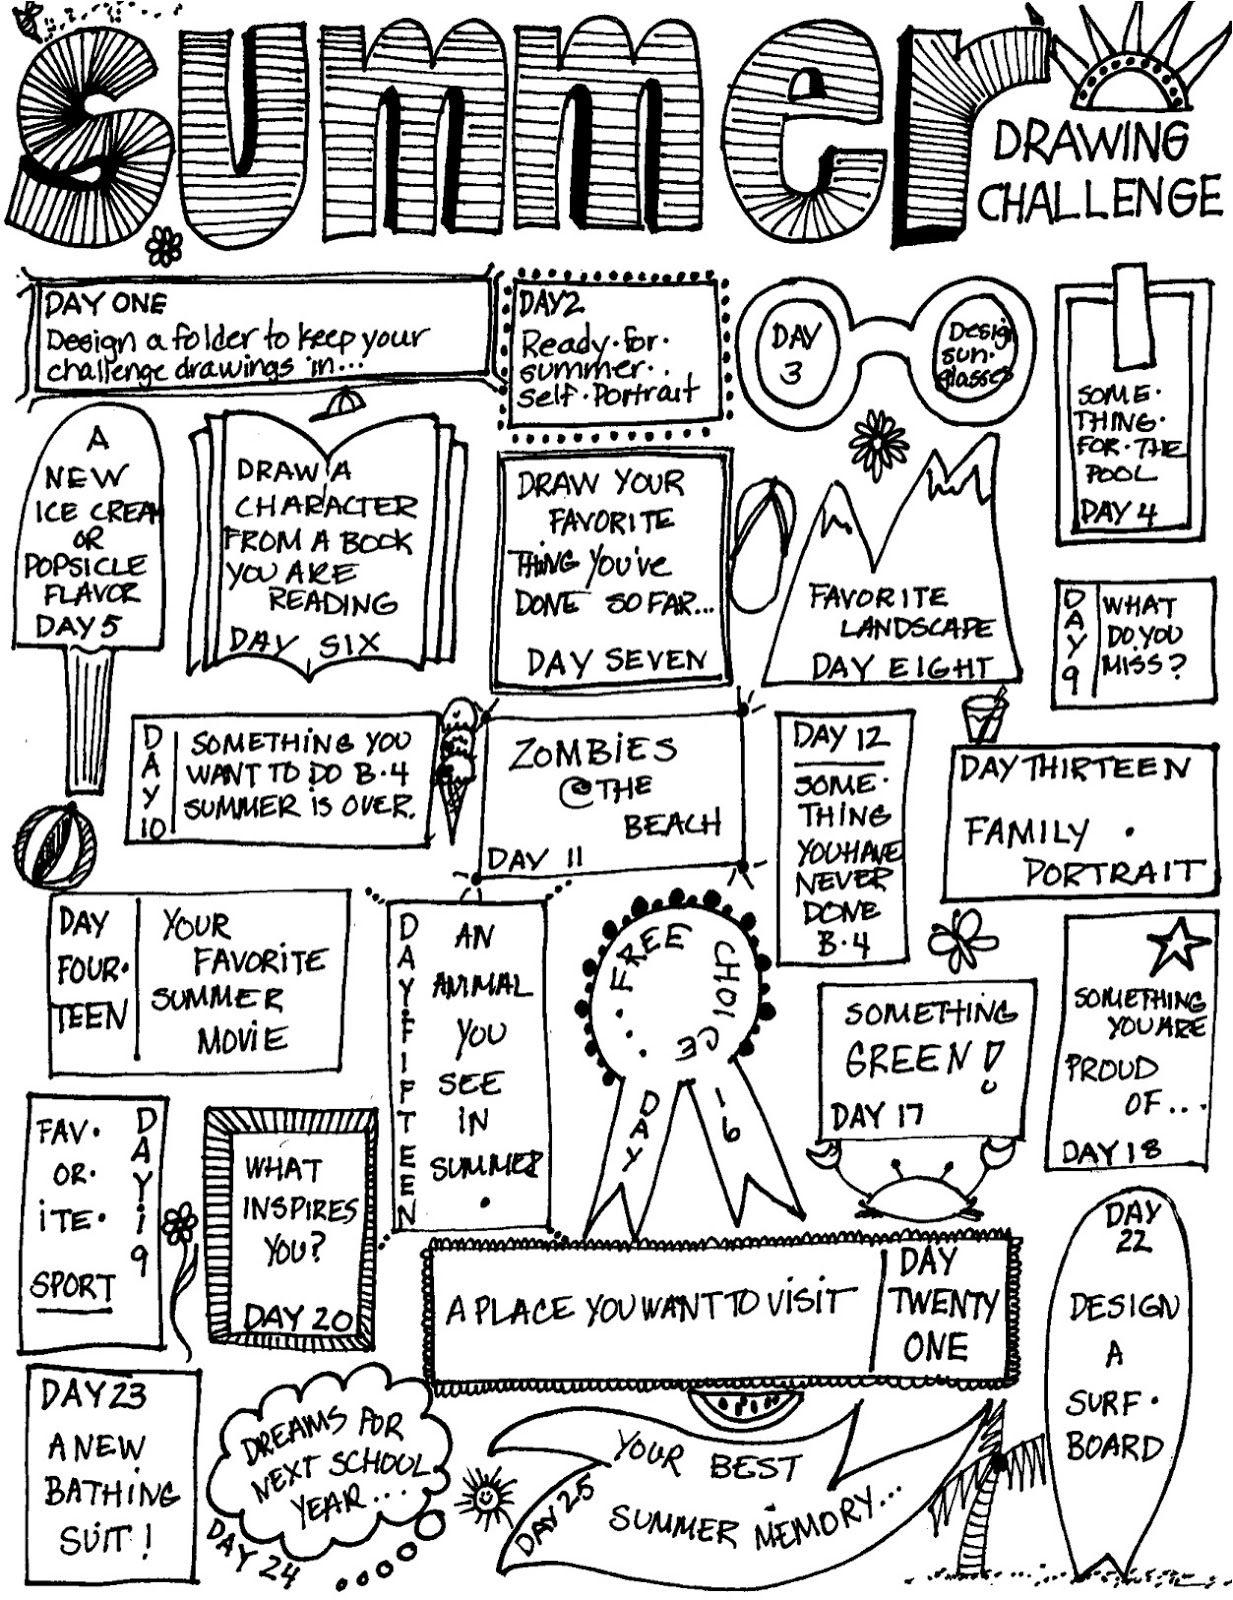 Mizzsmiff S Art Room Summer Drawing Challenge In